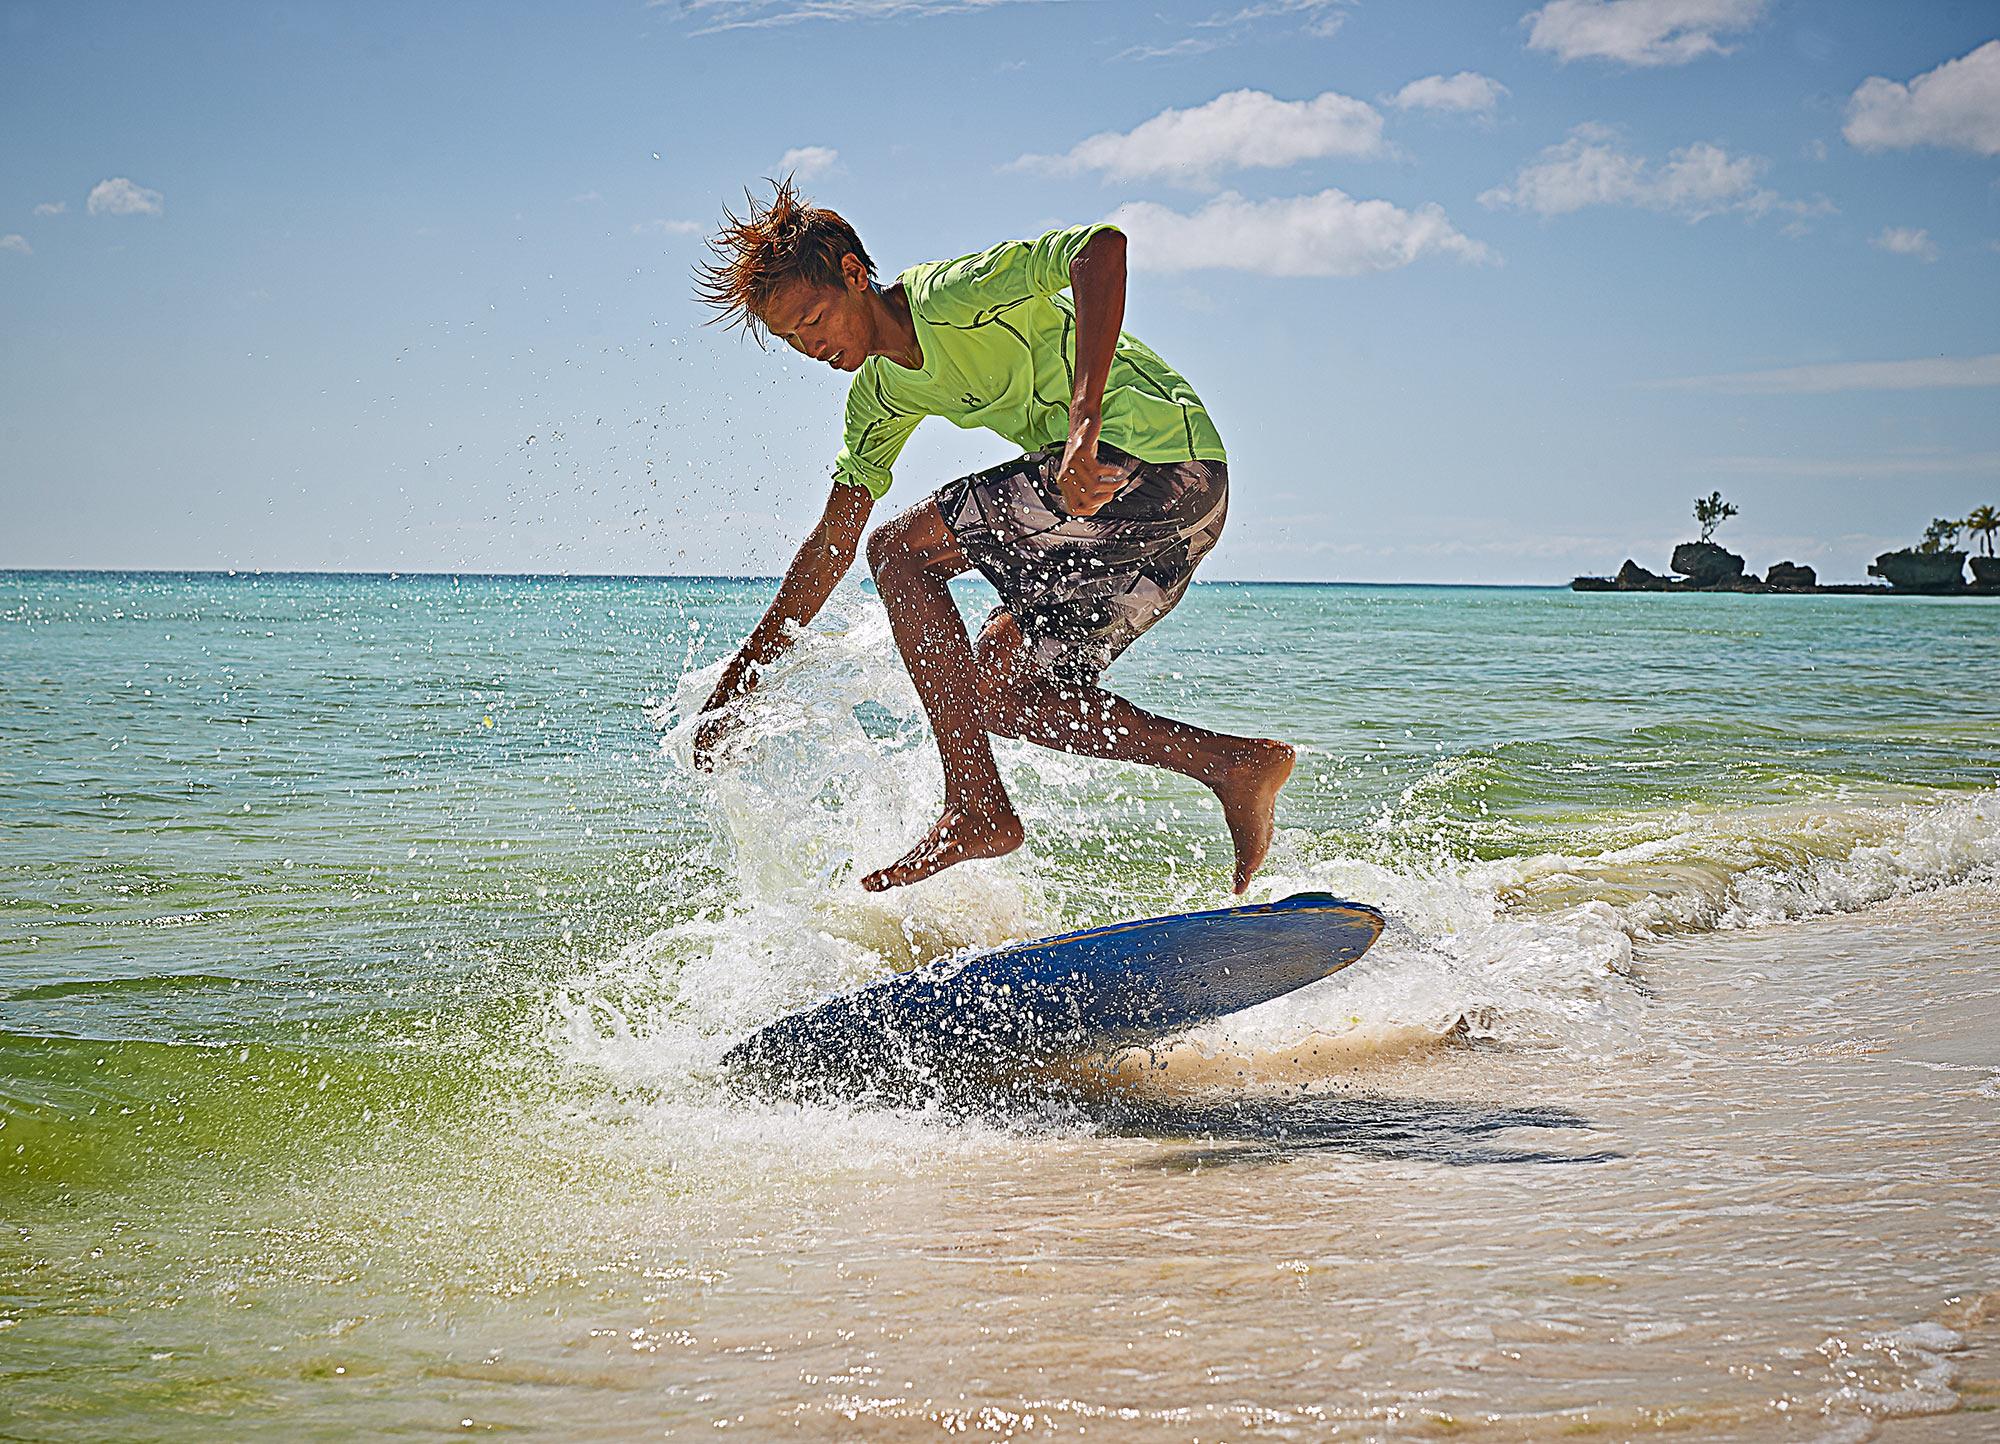 Dean Northcott - Surfing